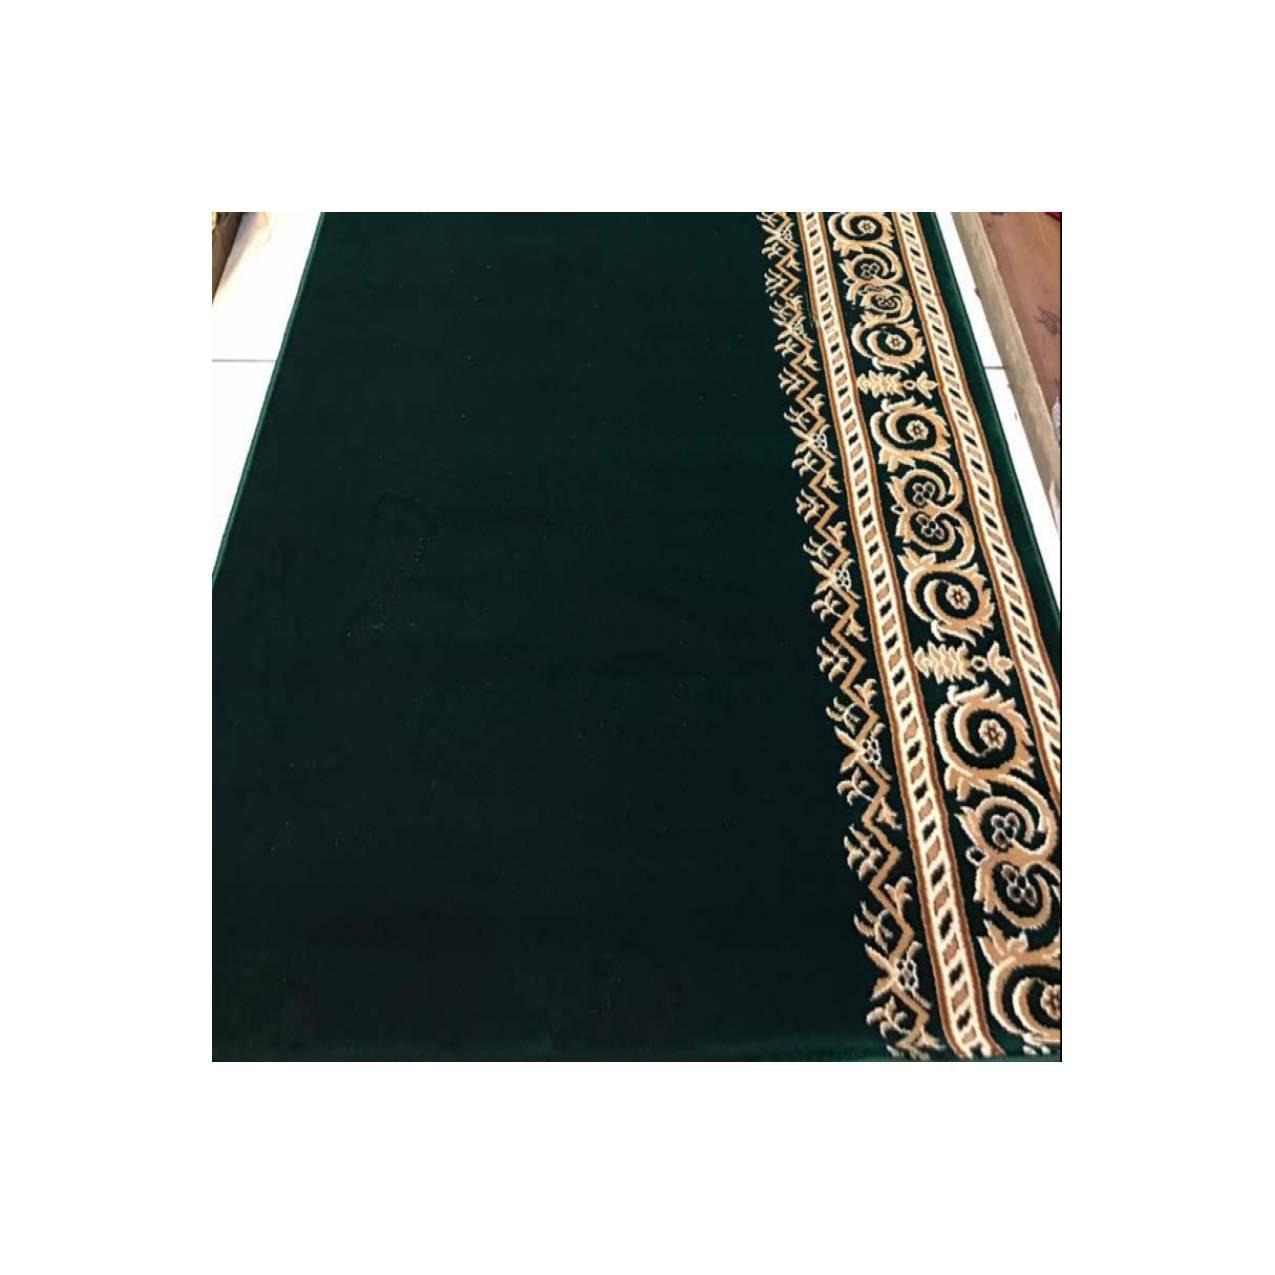 karpet musholla harga meteran warna hijau GRAND MOSQUE